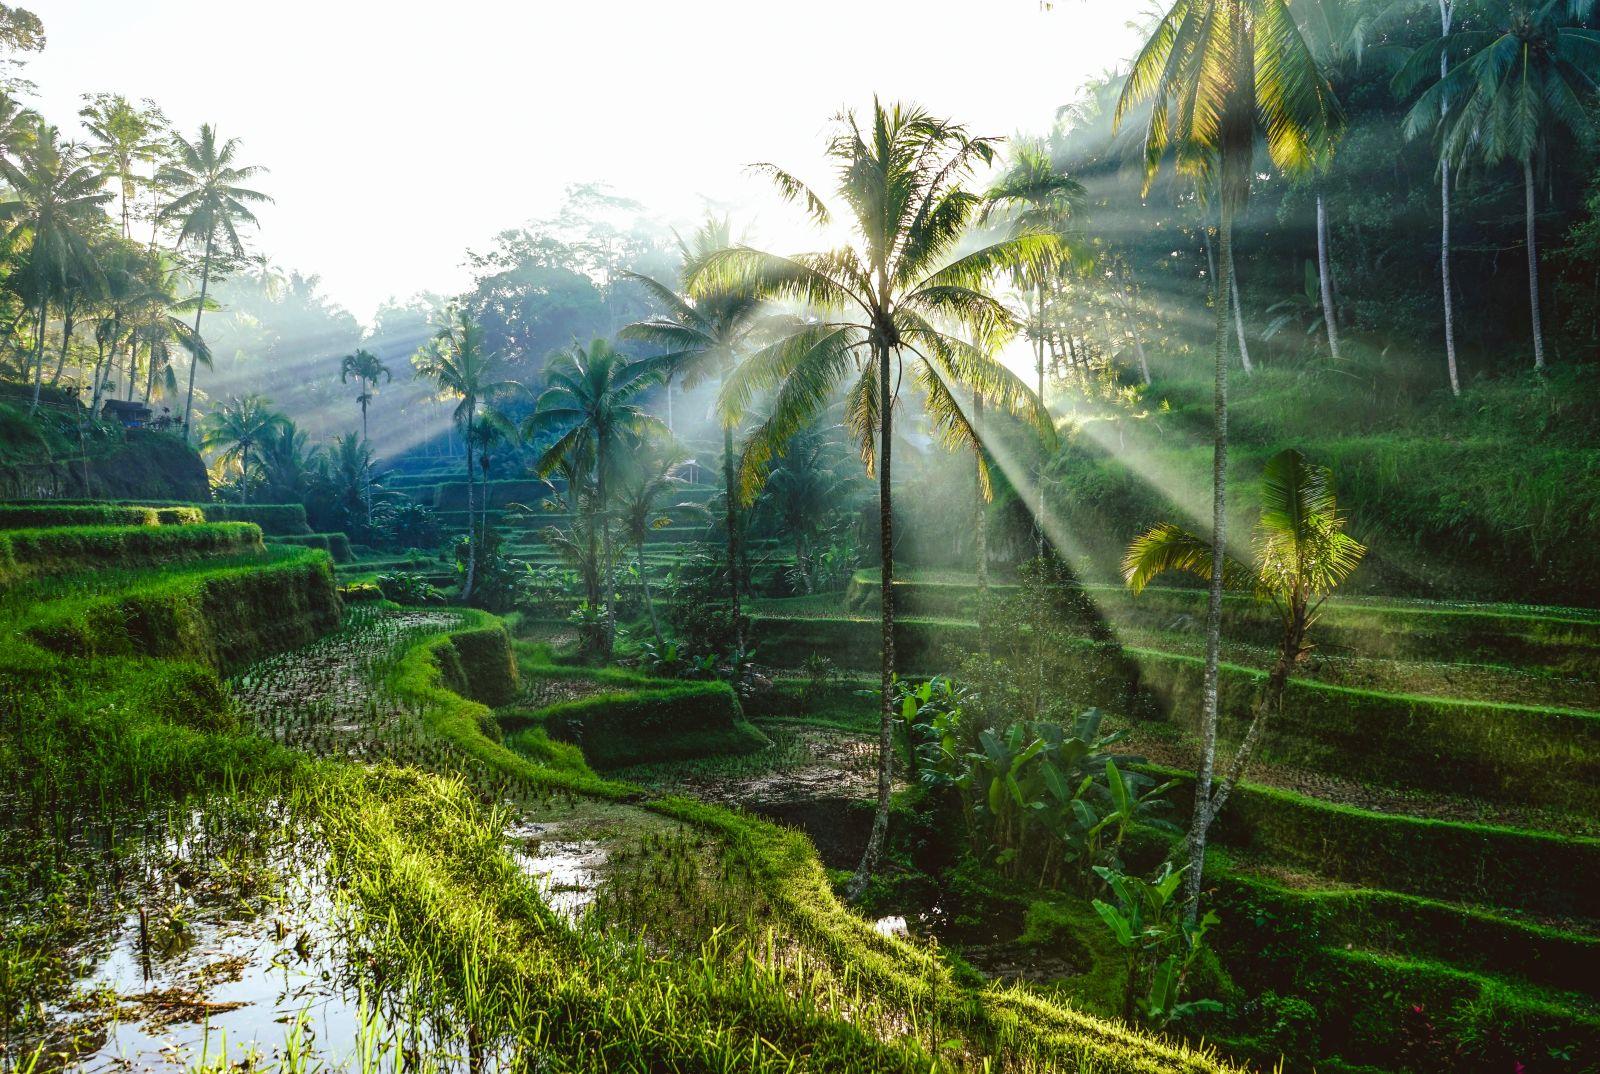 Une forêt à Bali